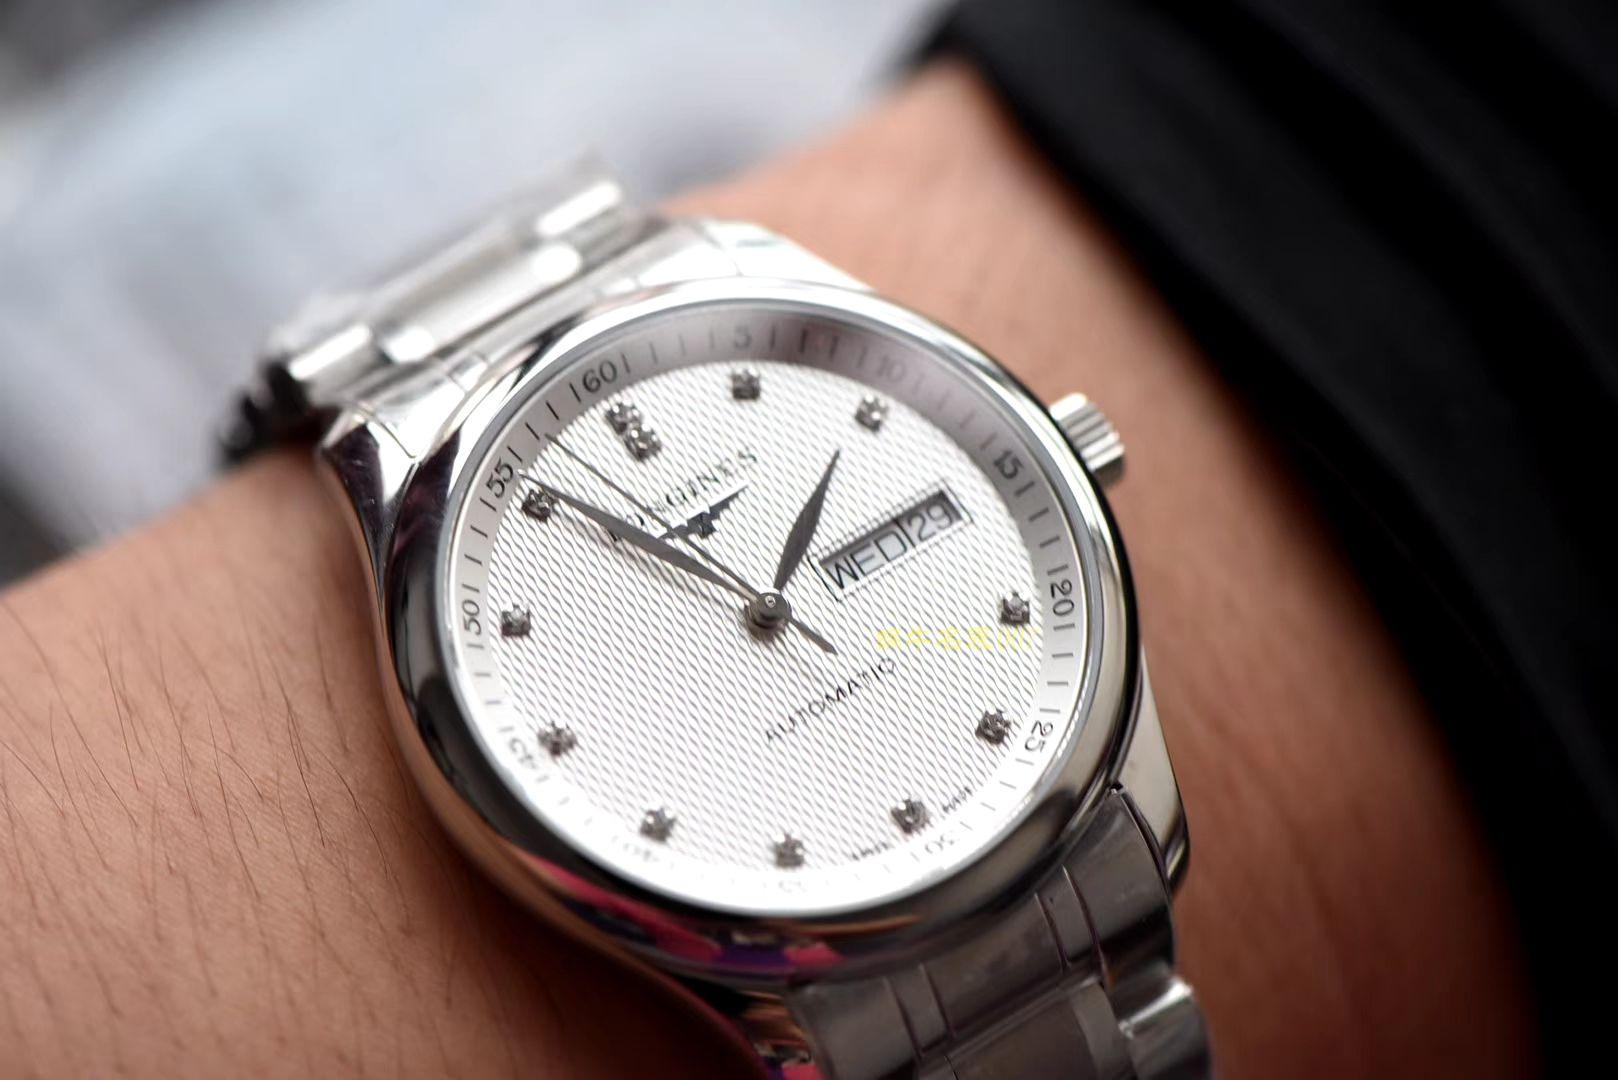 视频评测浪琴制表传统系列L2.910.4.77.6腕表【LG一比一超A高仿浪琴名匠手表】